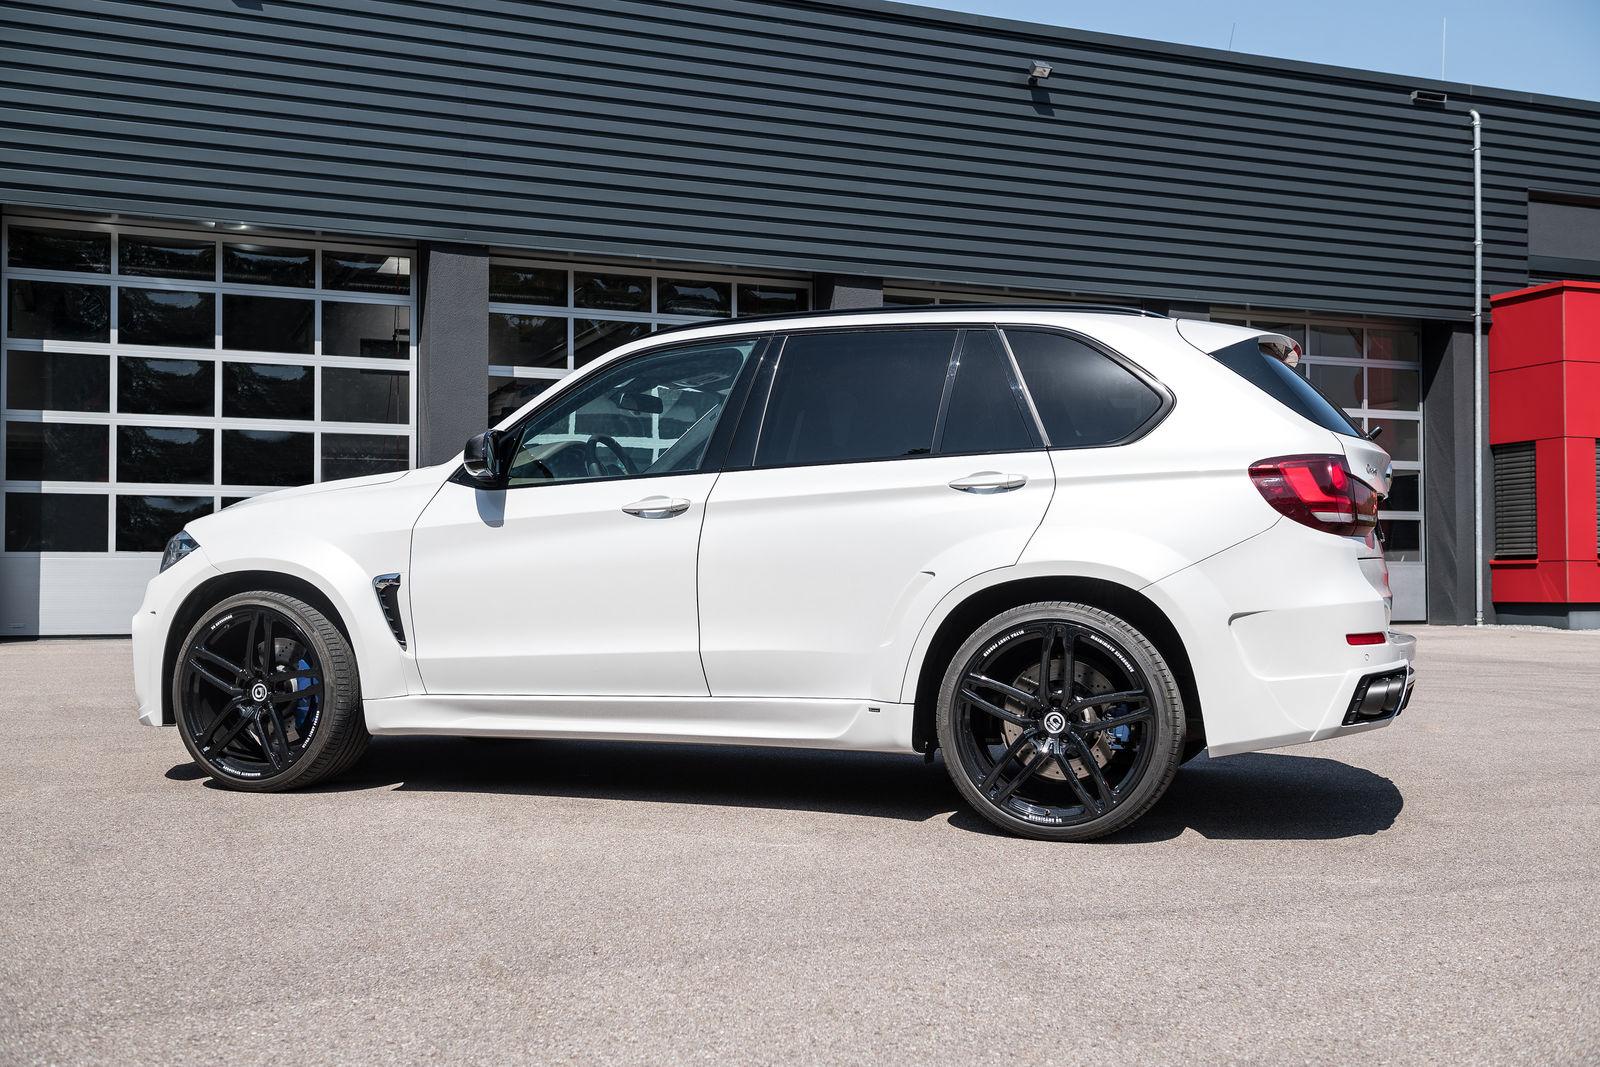 BMW X5 M by G-Powe (2)